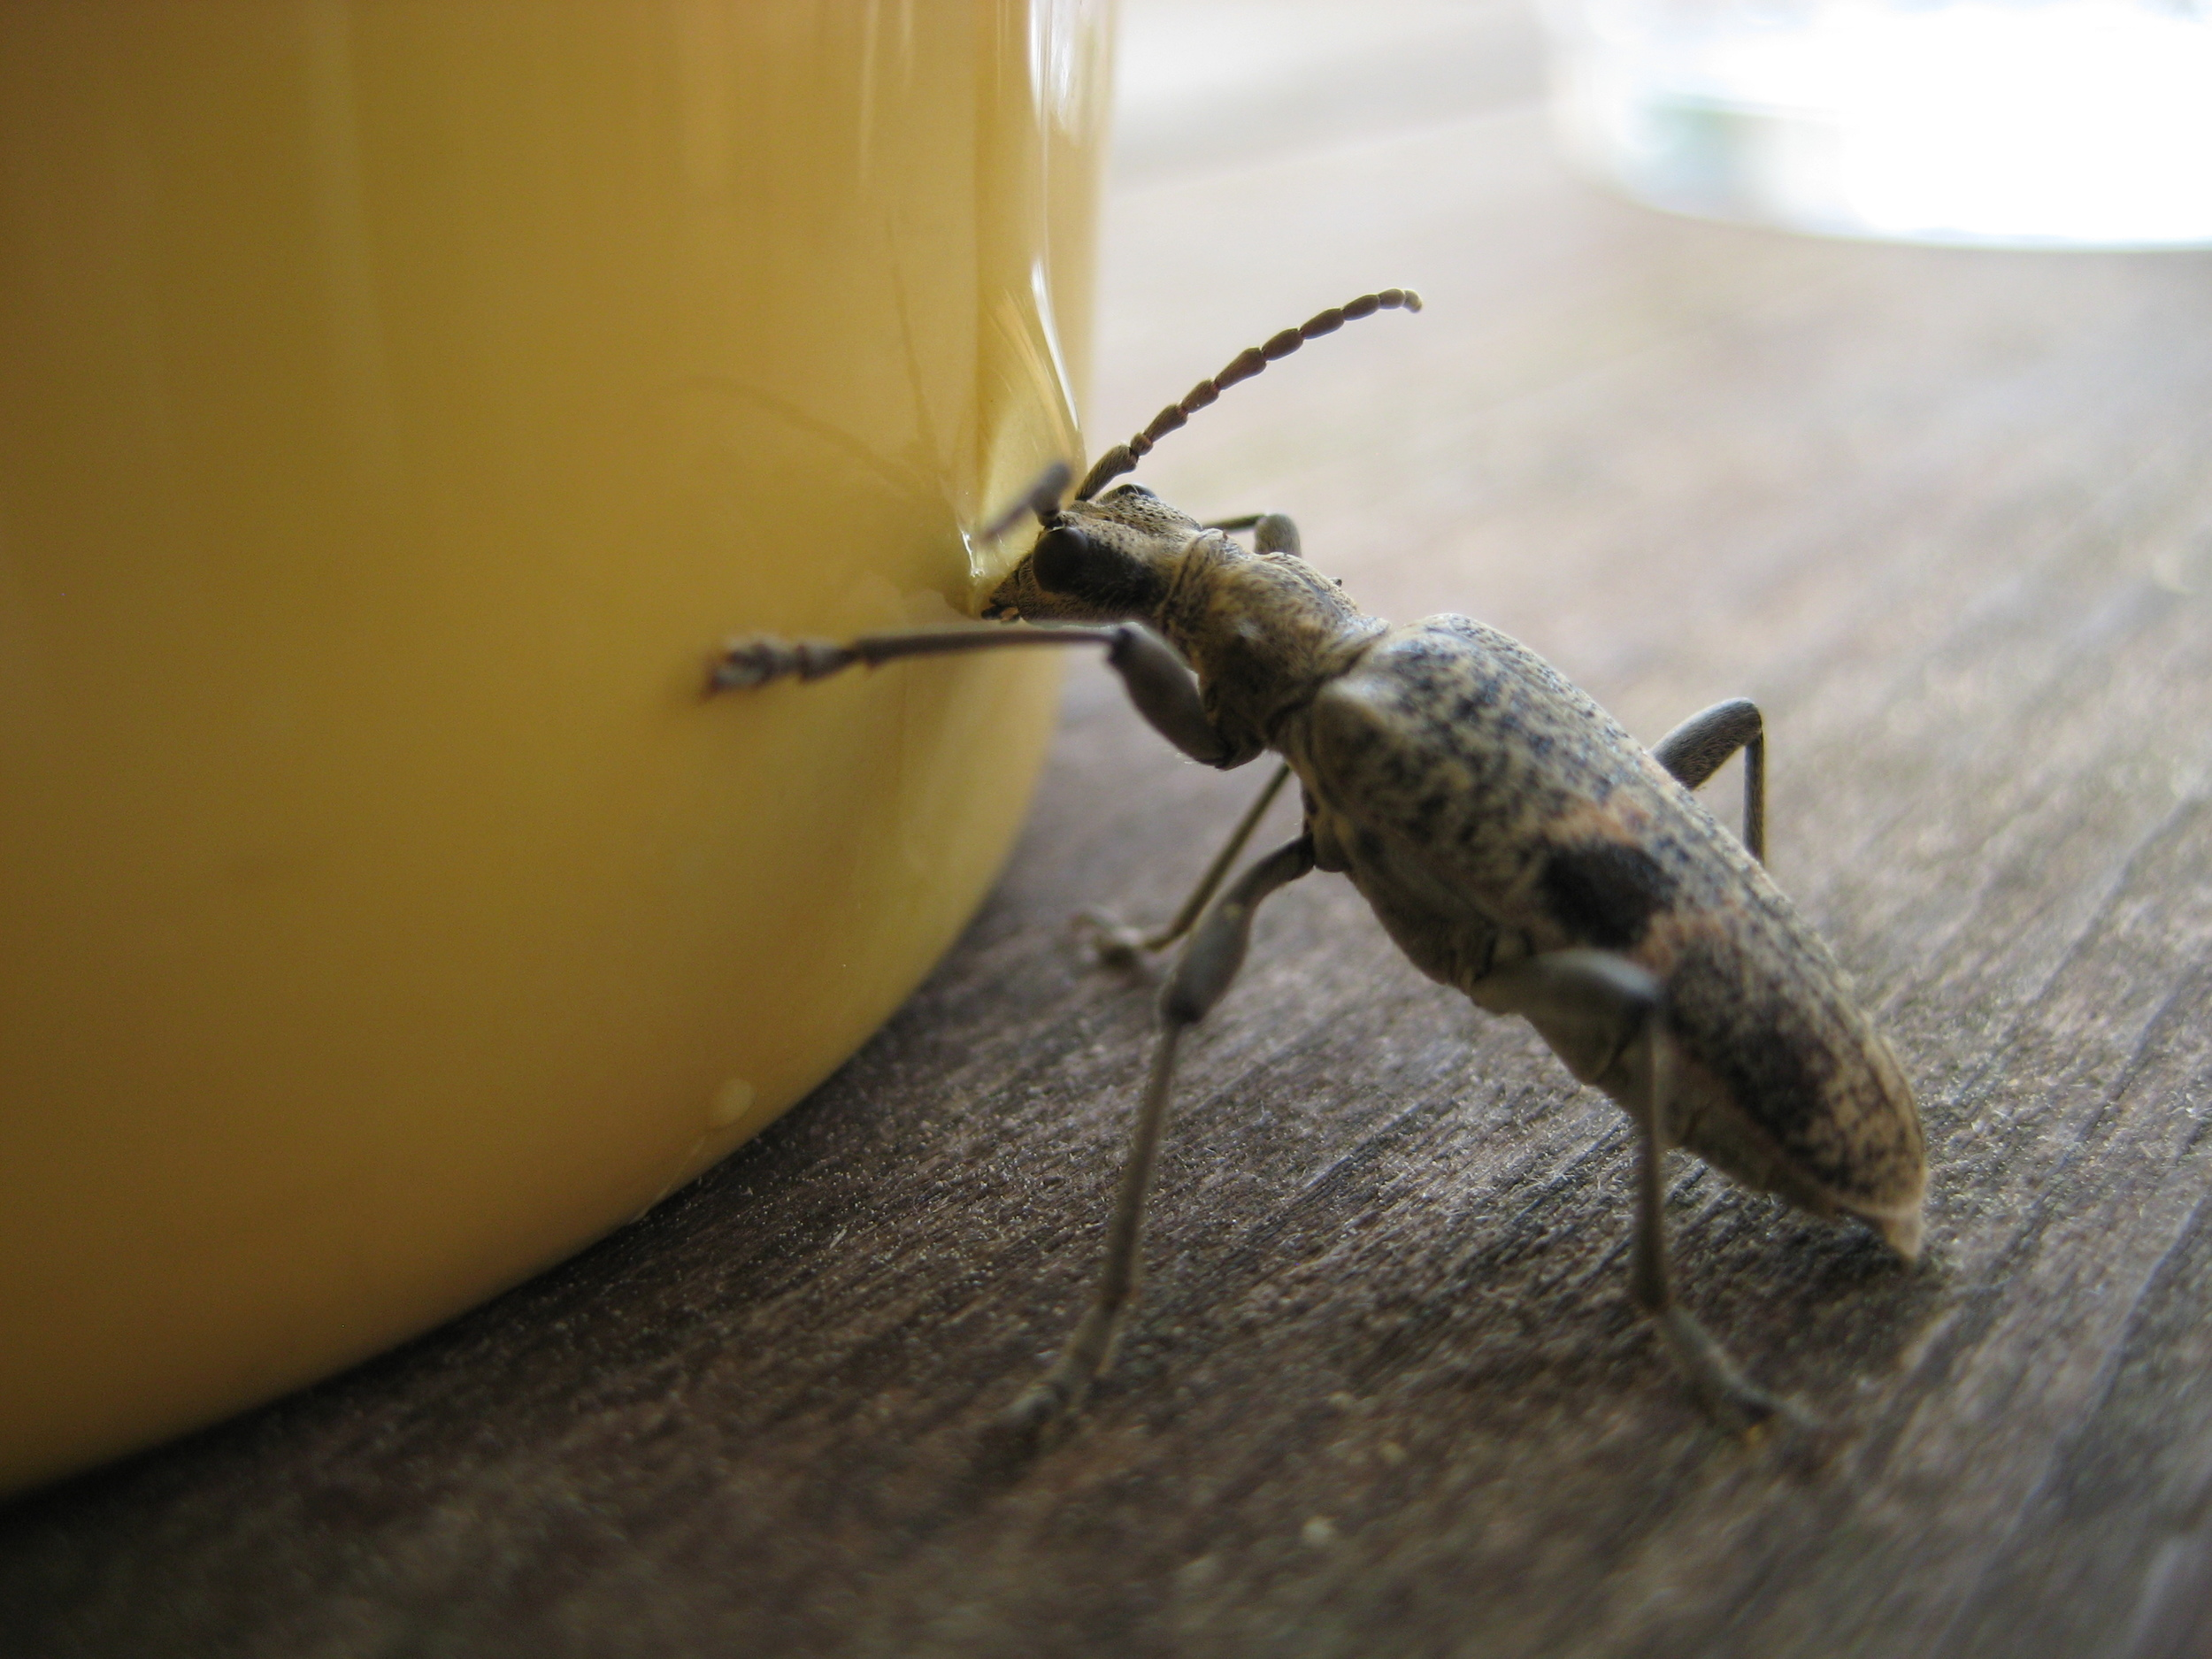 Someone else enjoying the trace of honey